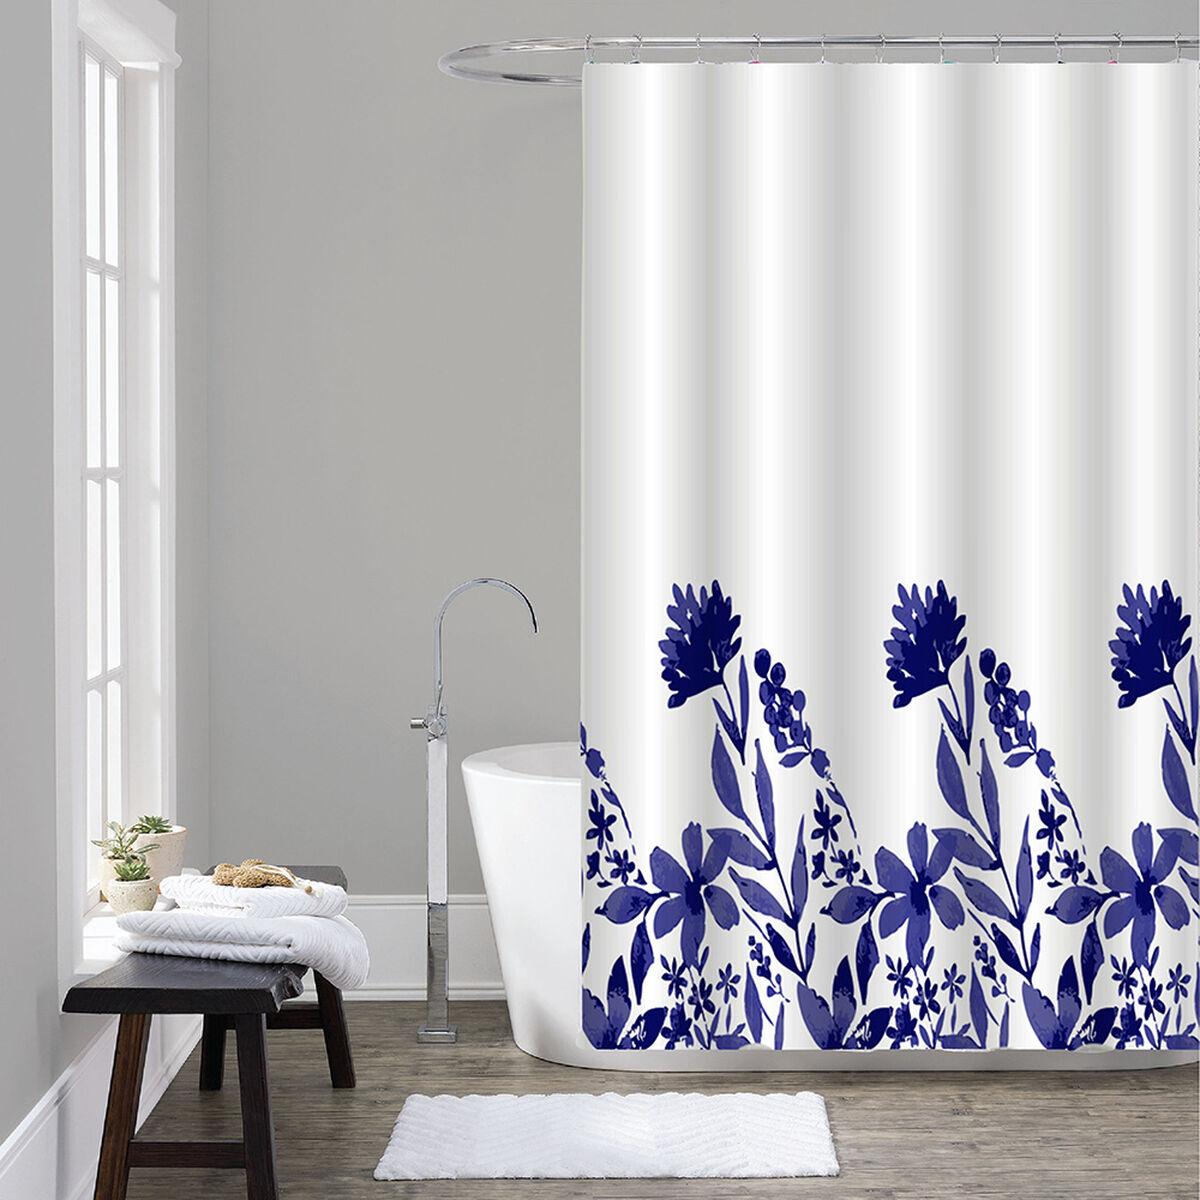 Set Cortina 7 Piezas Caja Mashini Flores Azules